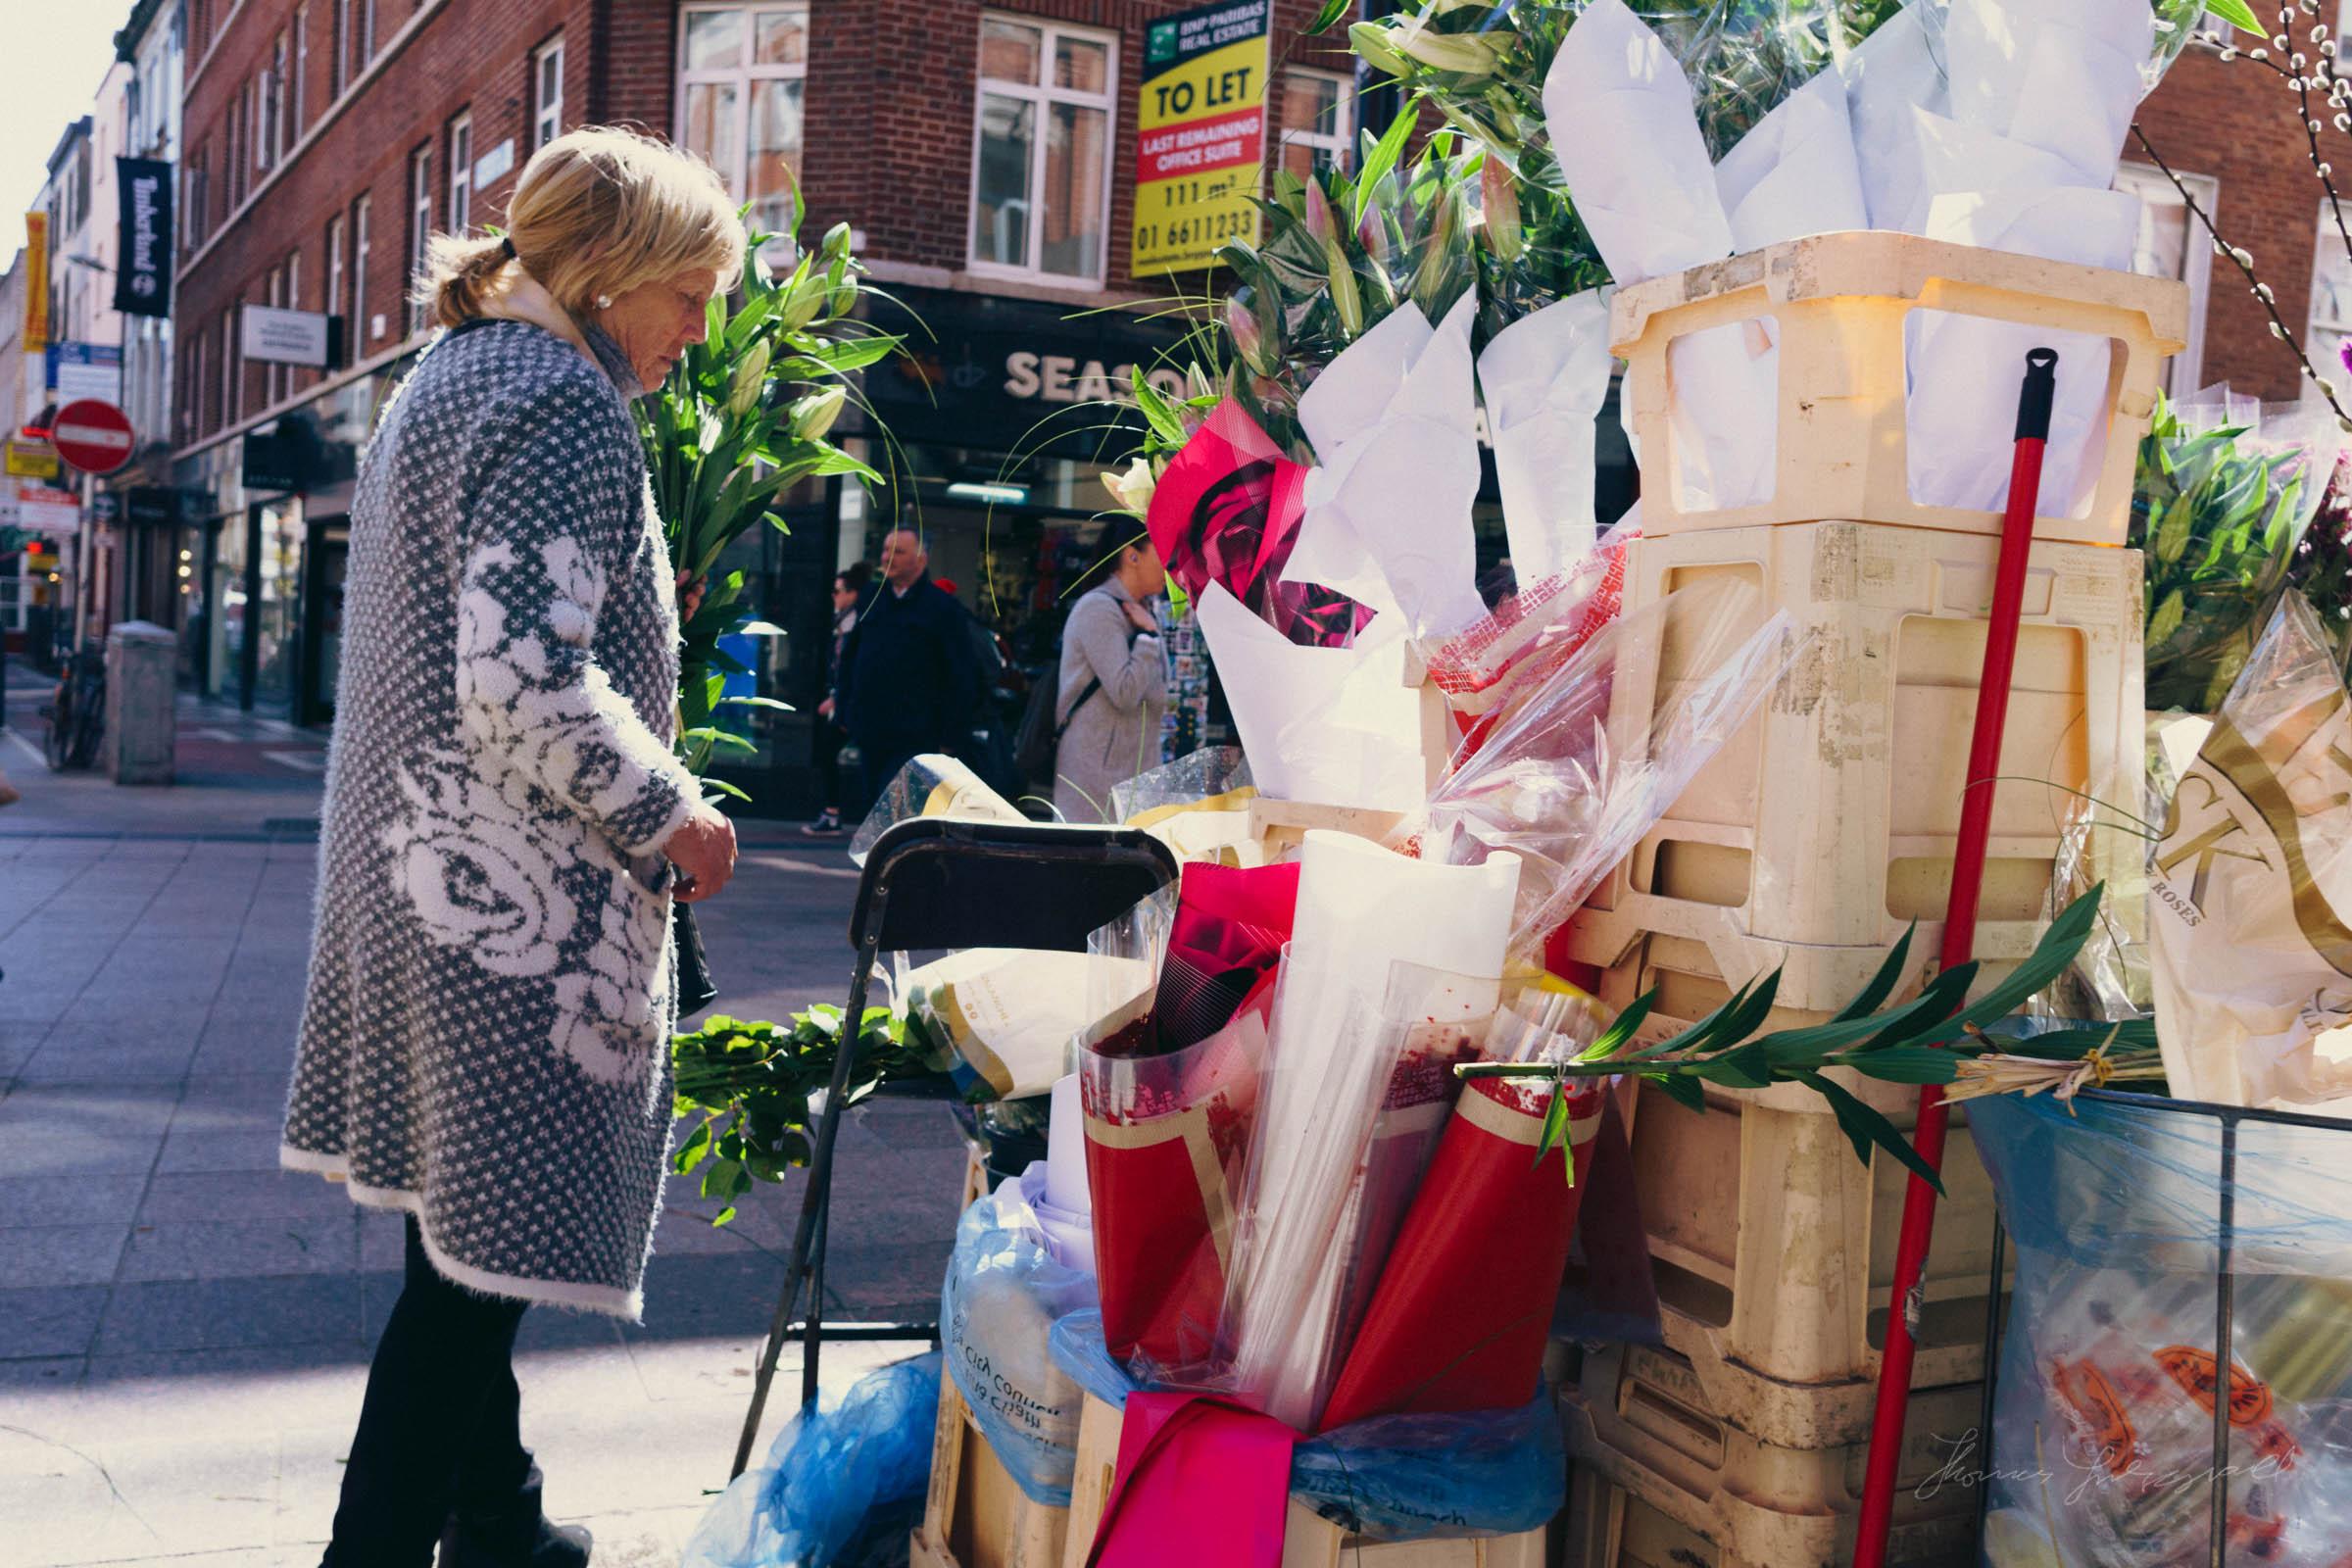 Flower seller inspecting wares